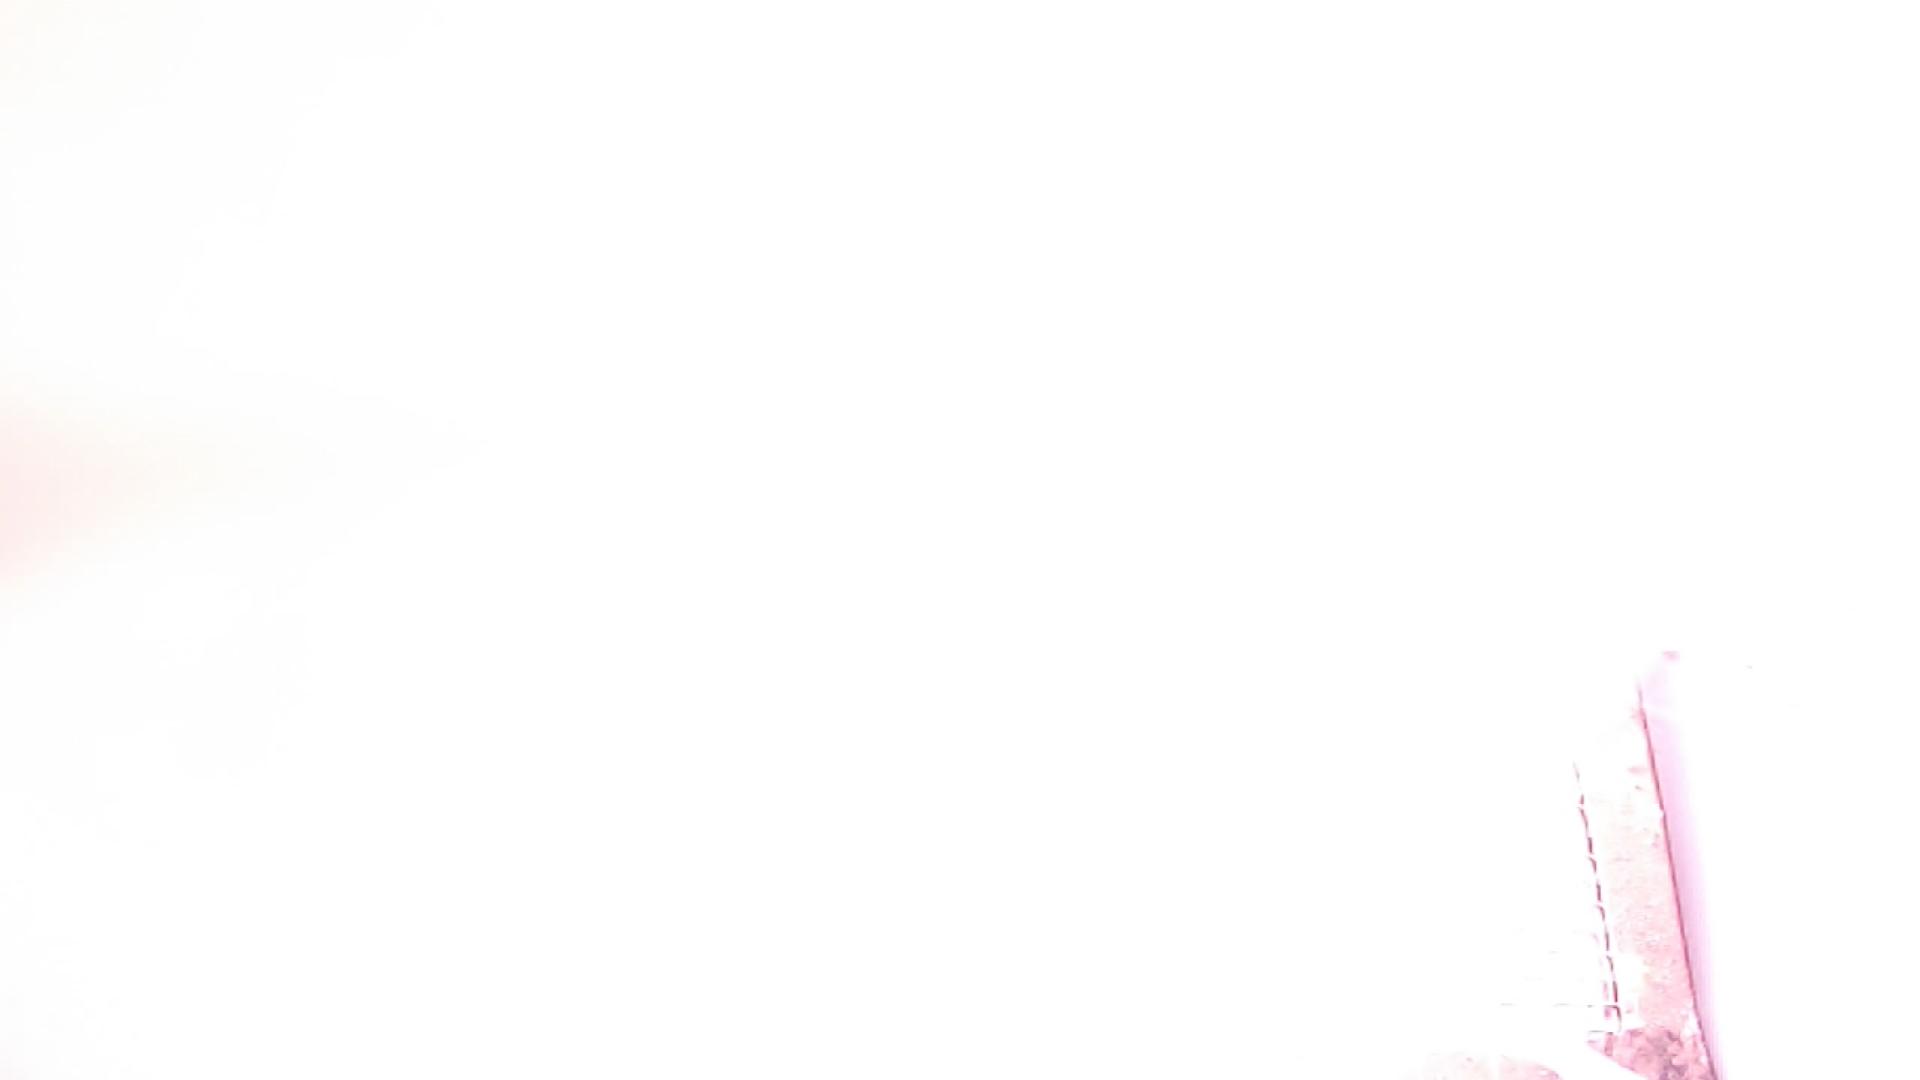 Огонь от капли воды (хлорат калия, магний, сульфат меди и нитрат аммония)